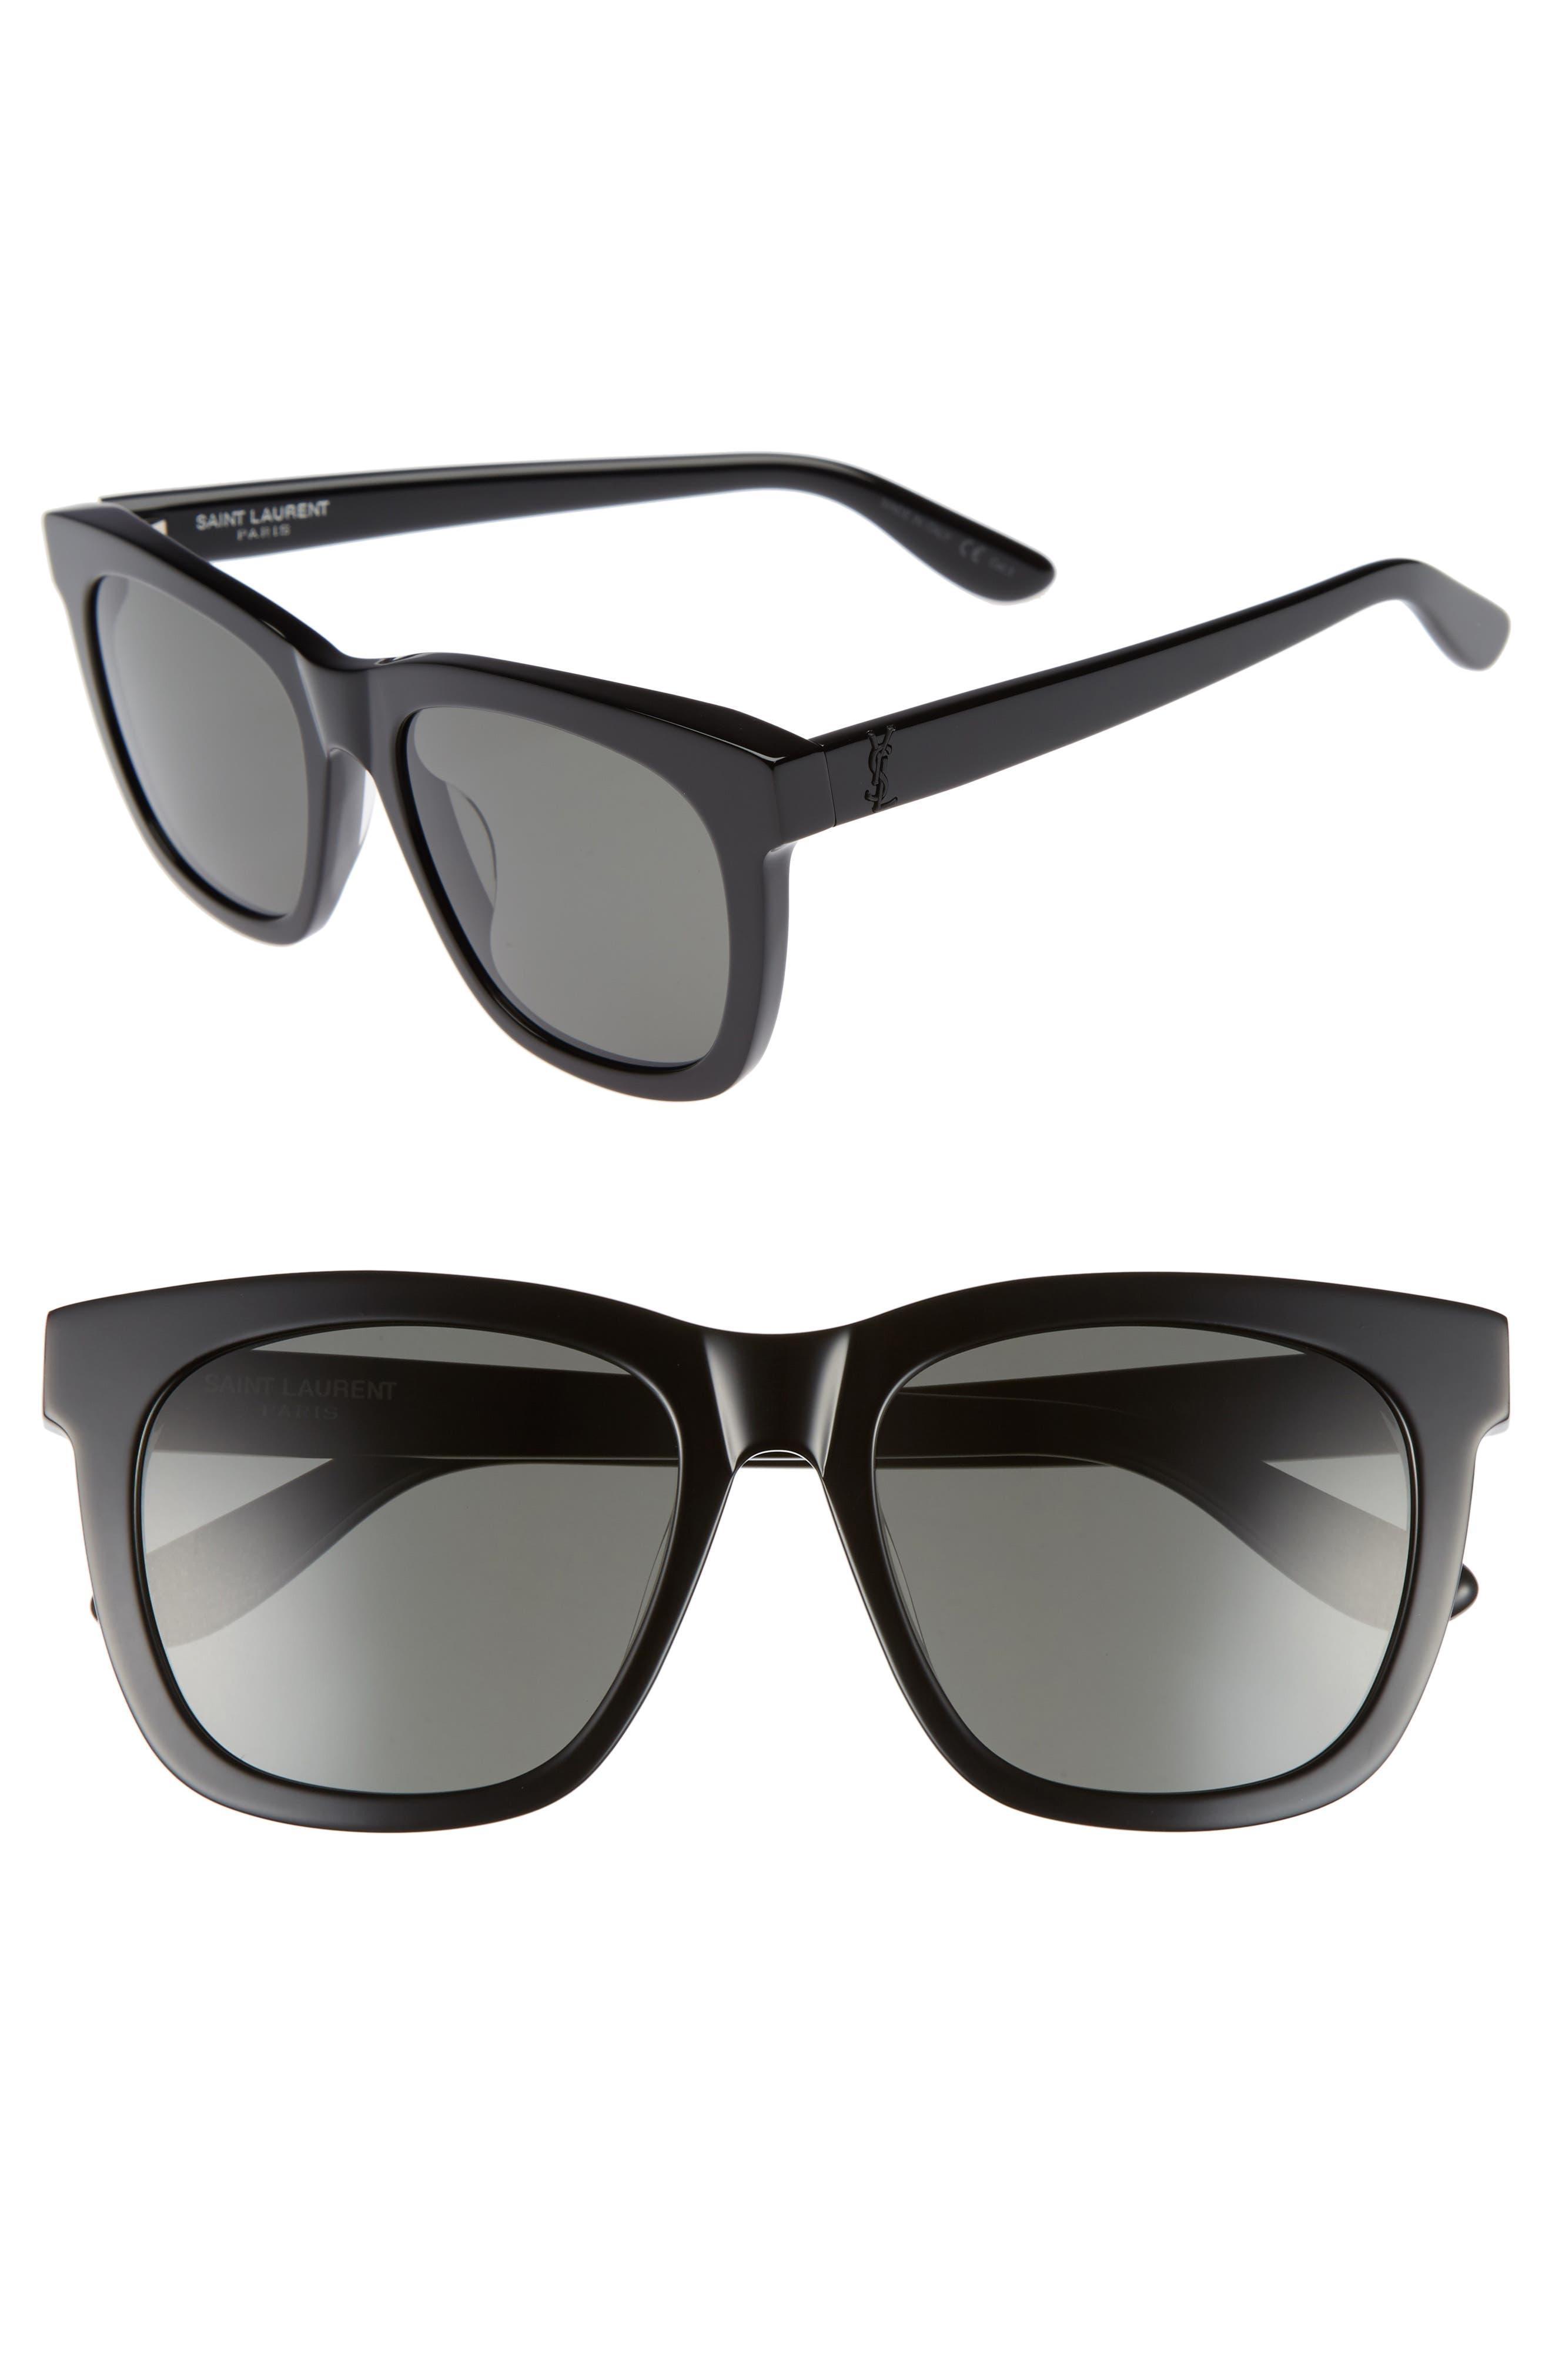 SAINT LAURENT, 55mm Sunglasses, Main thumbnail 1, color, BLACK